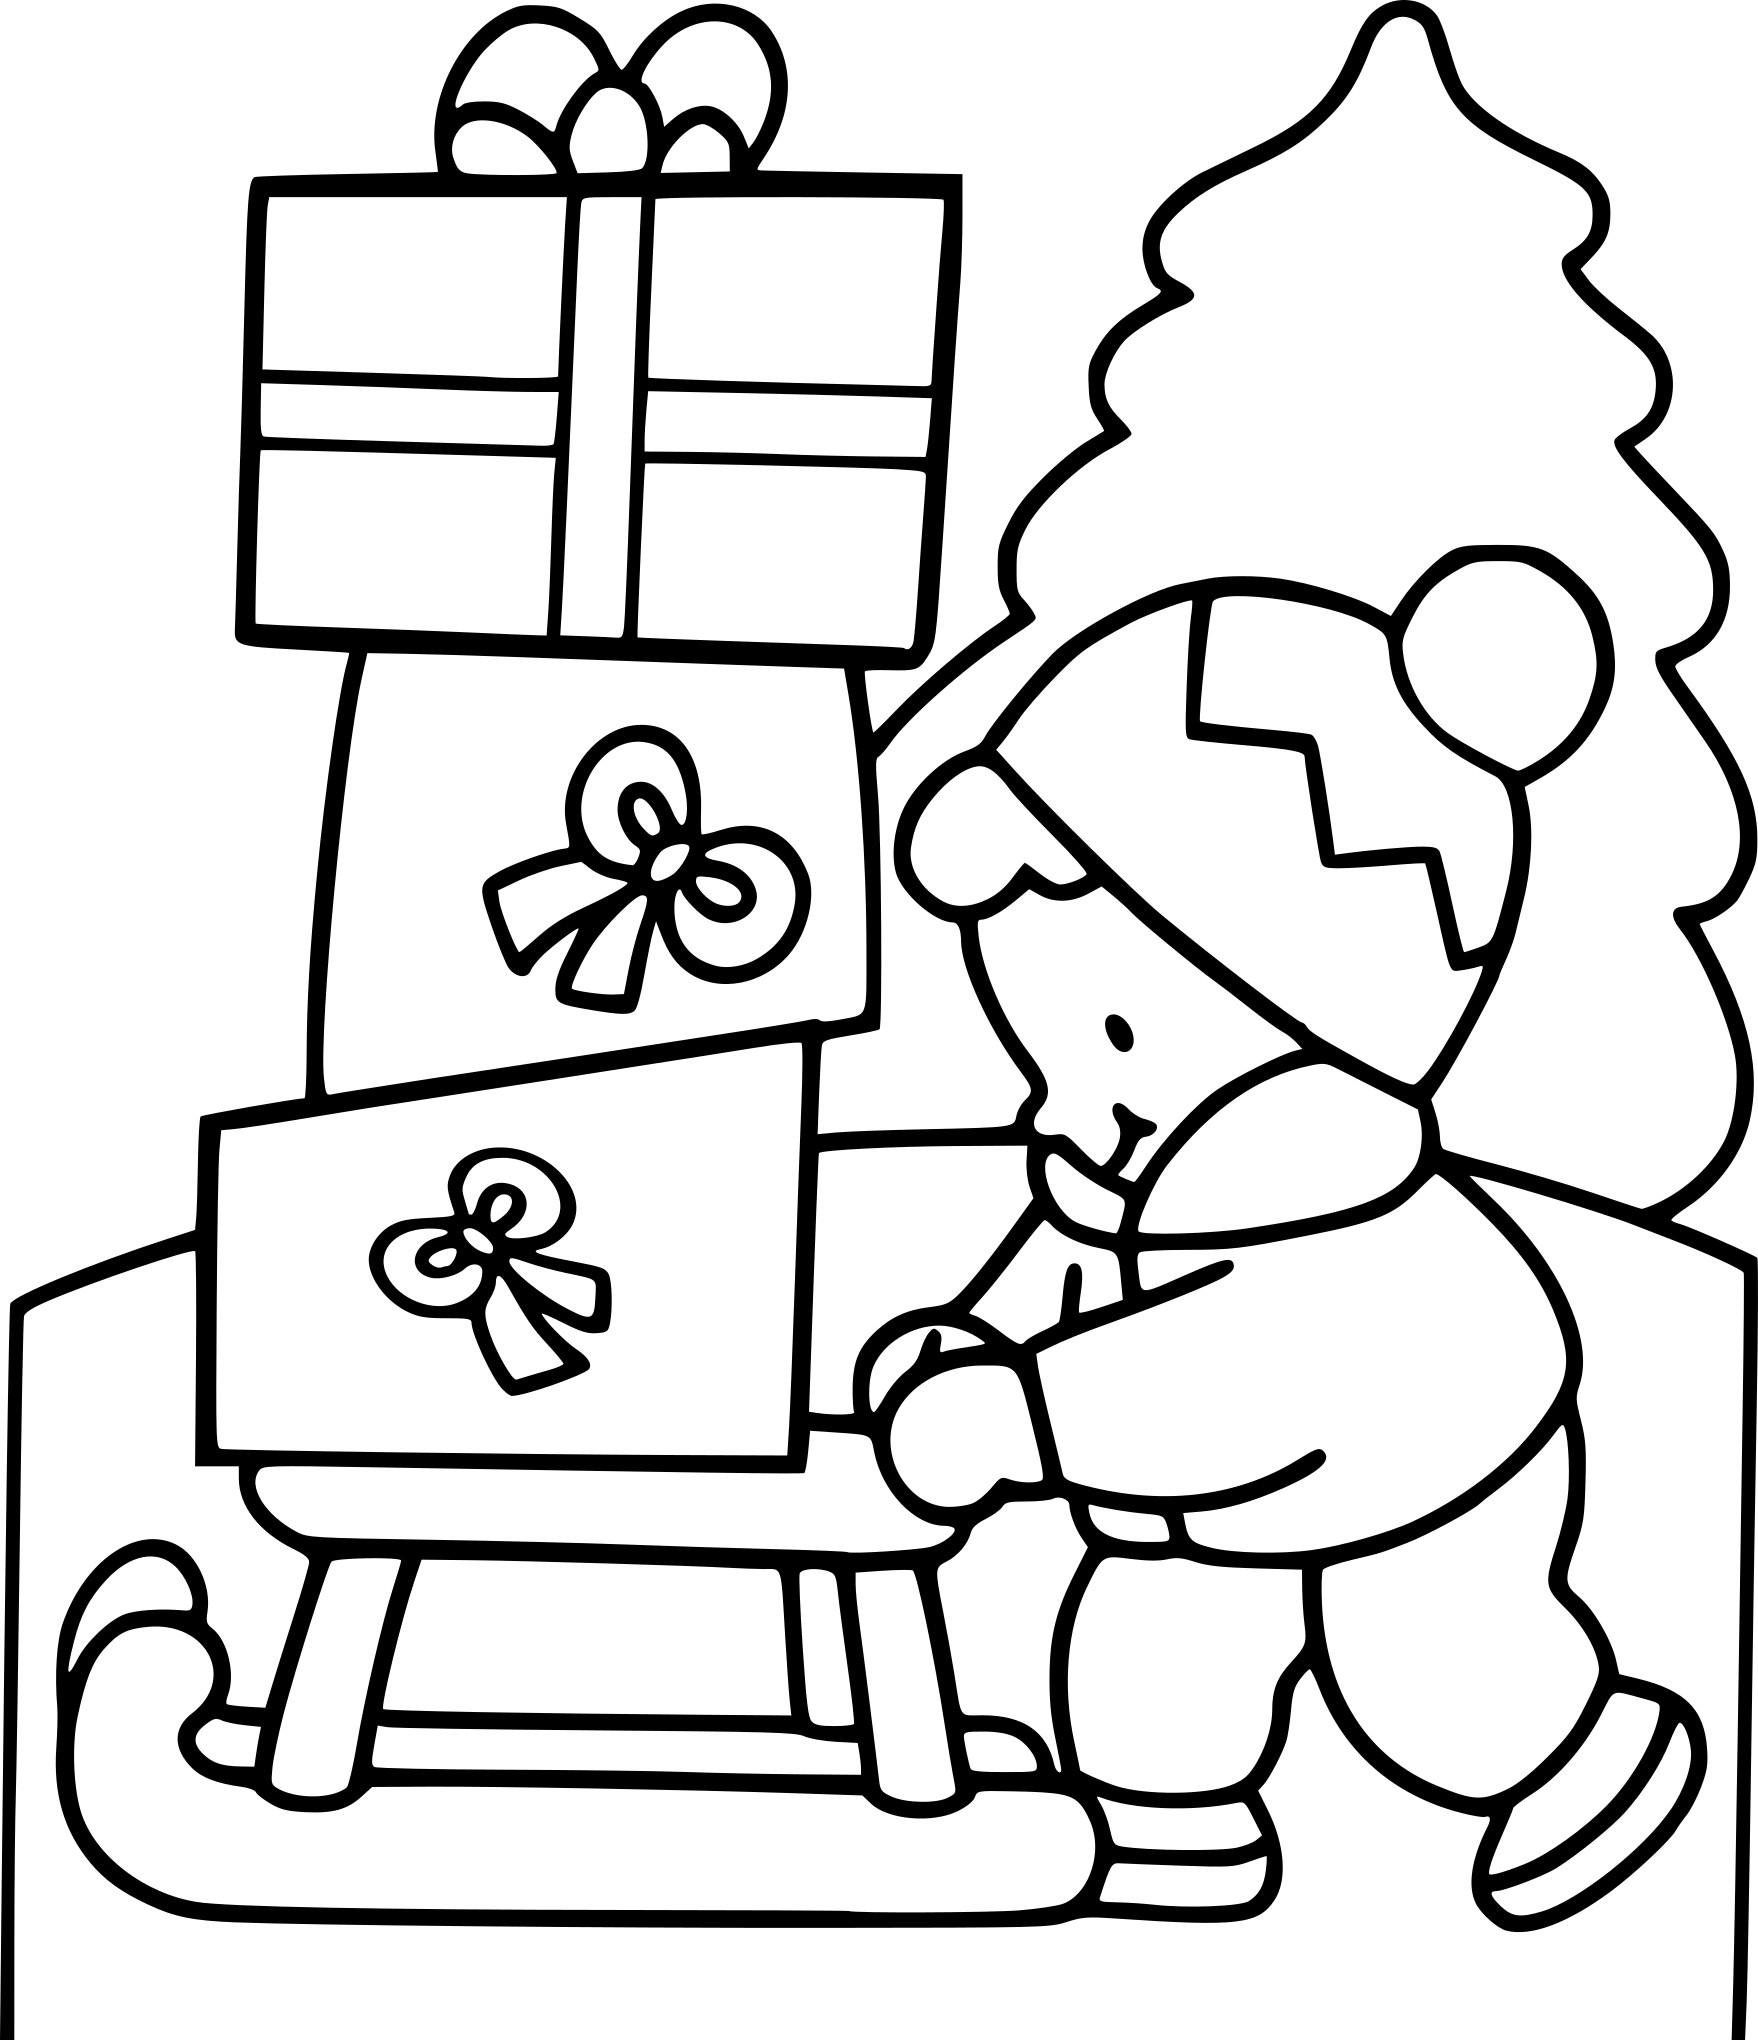 Coloriage Noël 3 Ans À Imprimer Sur Coloriages intérieur Coloriage Pour 3 Ans À Imprimer